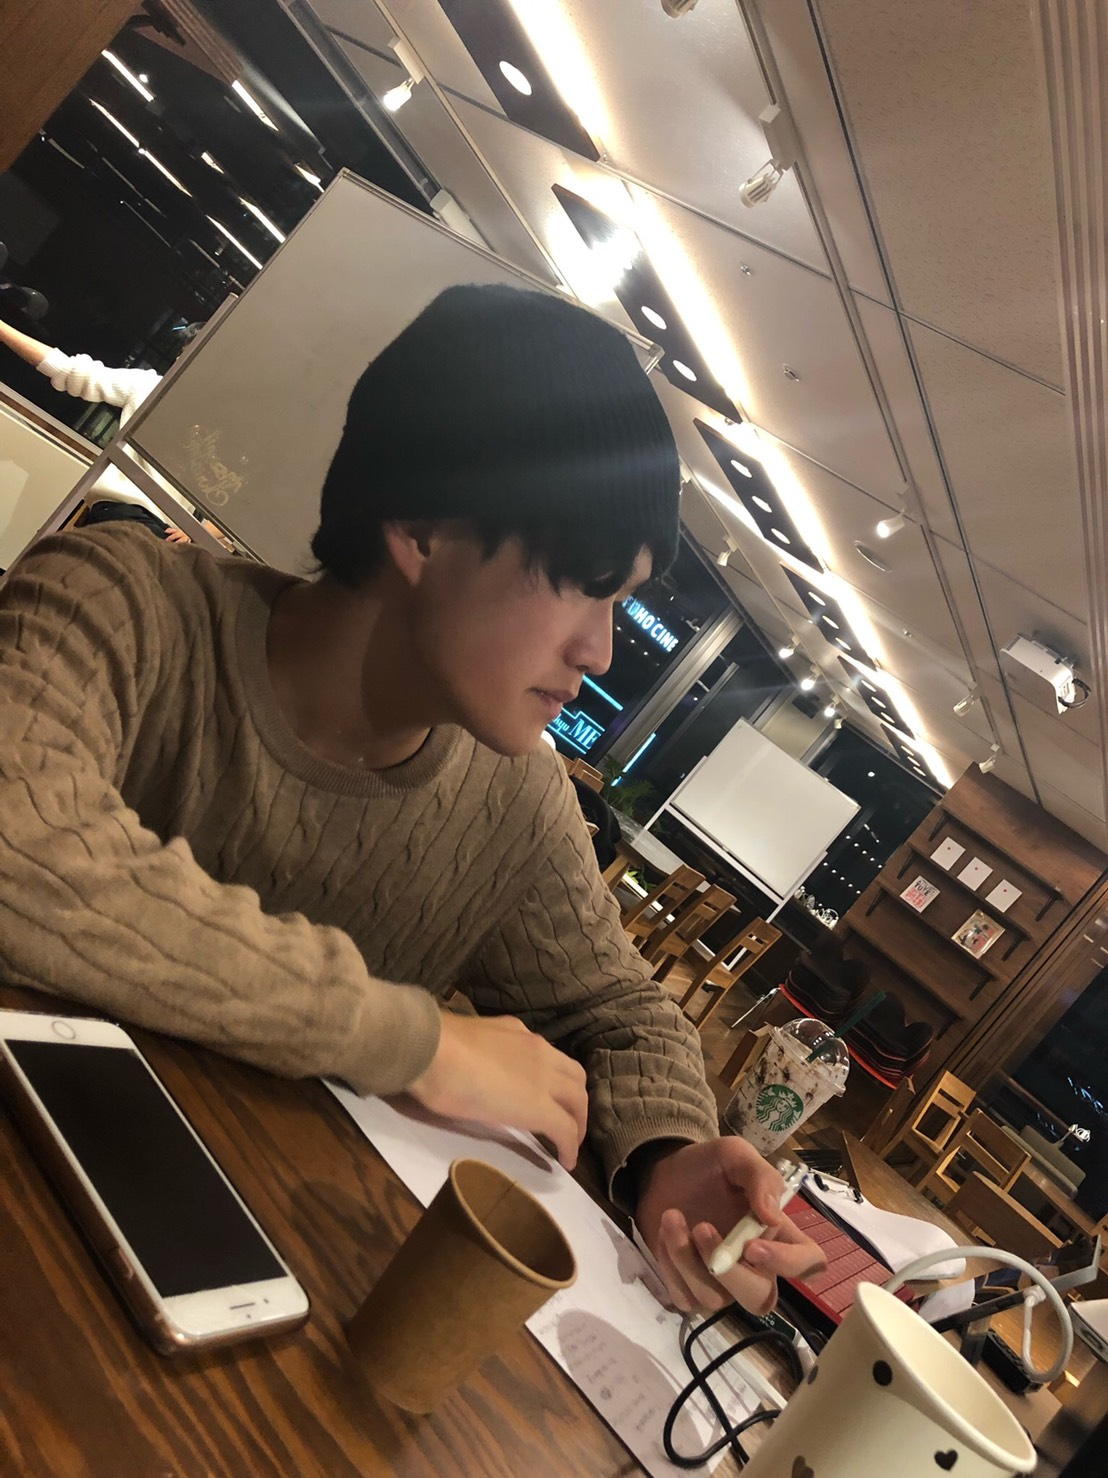 【志インタビューVol.10】苗村智生 -みんなが自分の人生を生きれるような社会を作りたい-